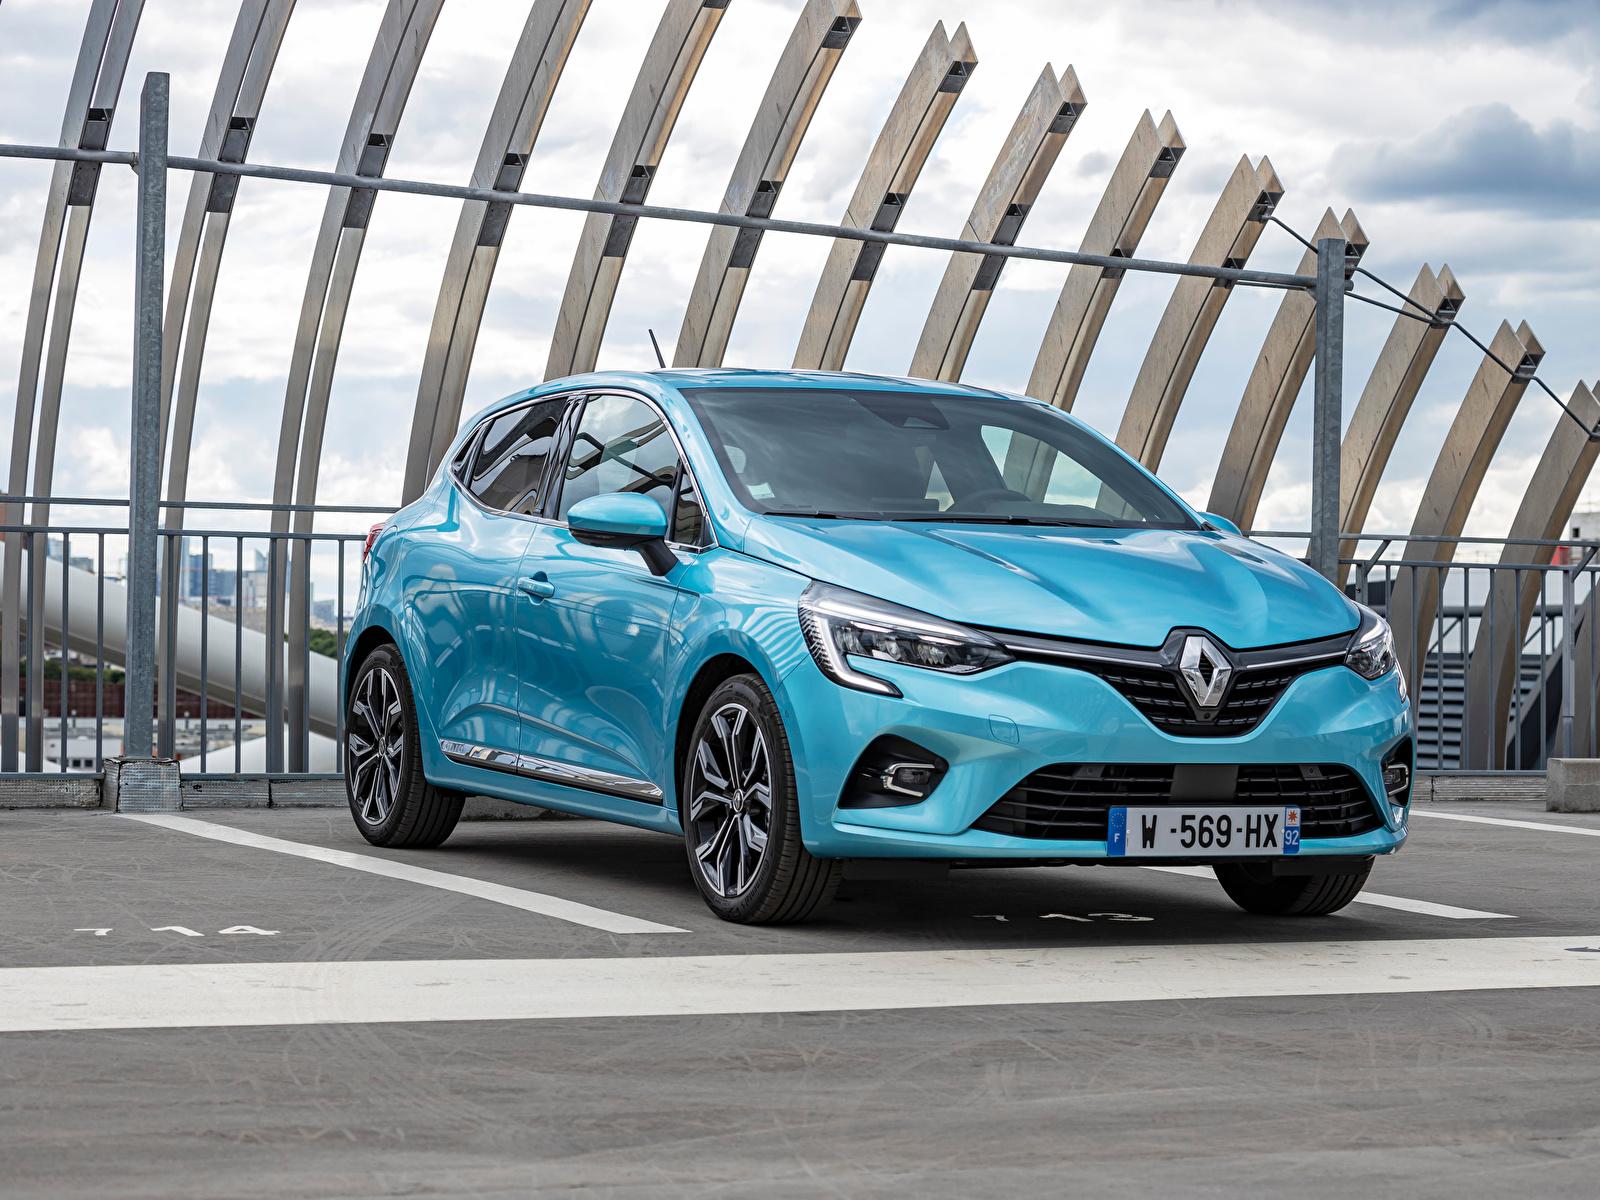 Фотография Рено Clio E-TECH, 2020 голубых авто Металлик 1600x1200 Renault голубая голубые Голубой машина машины Автомобили автомобиль